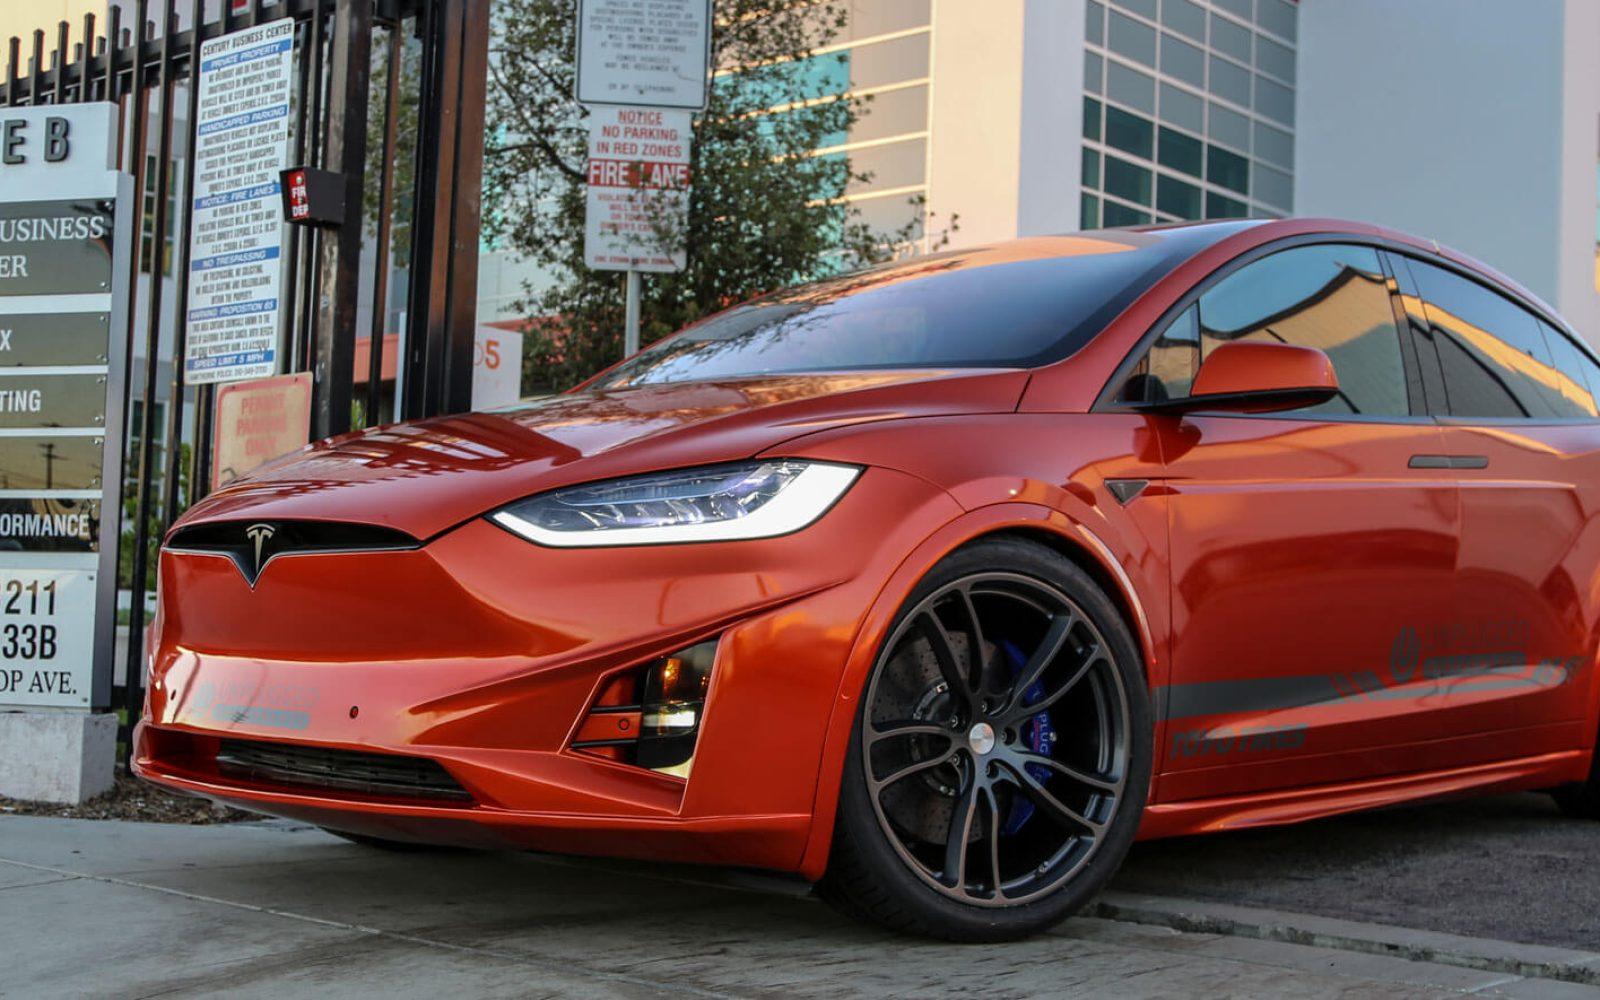 New Unplugged Tesla Model X body kit - Love it or Hate it